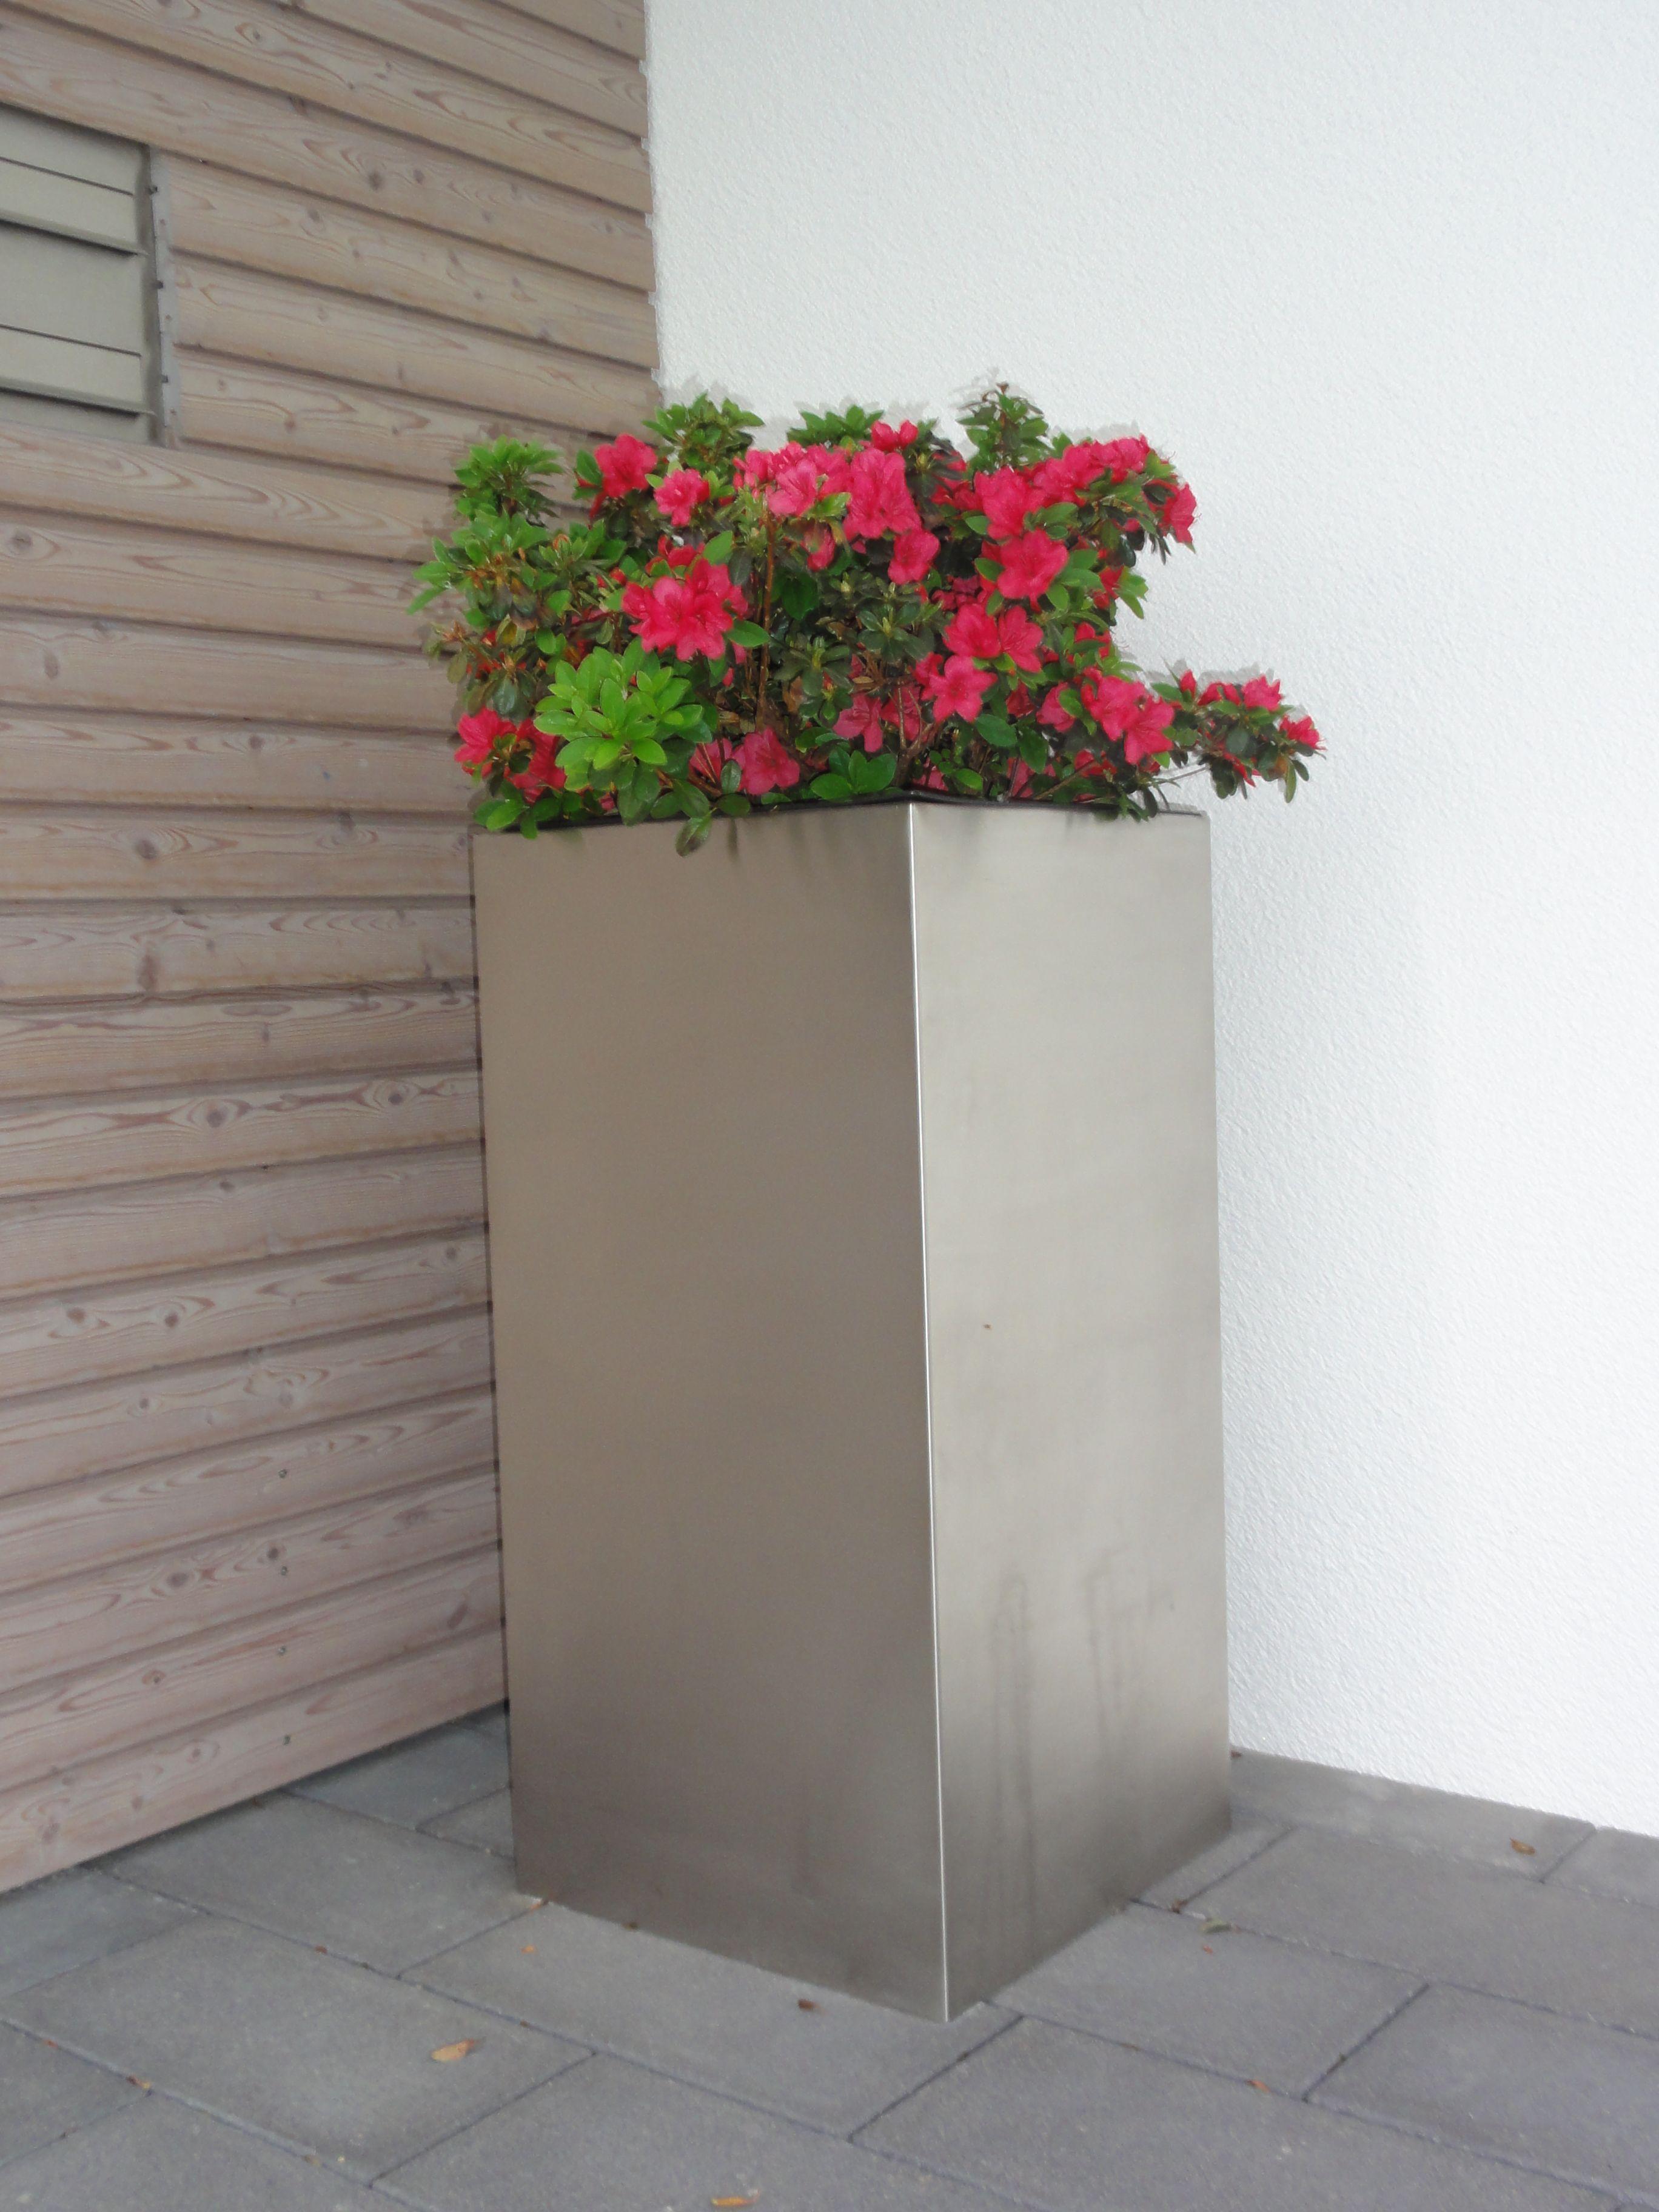 edelstahl pflanzkübel torre von decoras. weitere edelstahl modelle, Gartengerate ideen